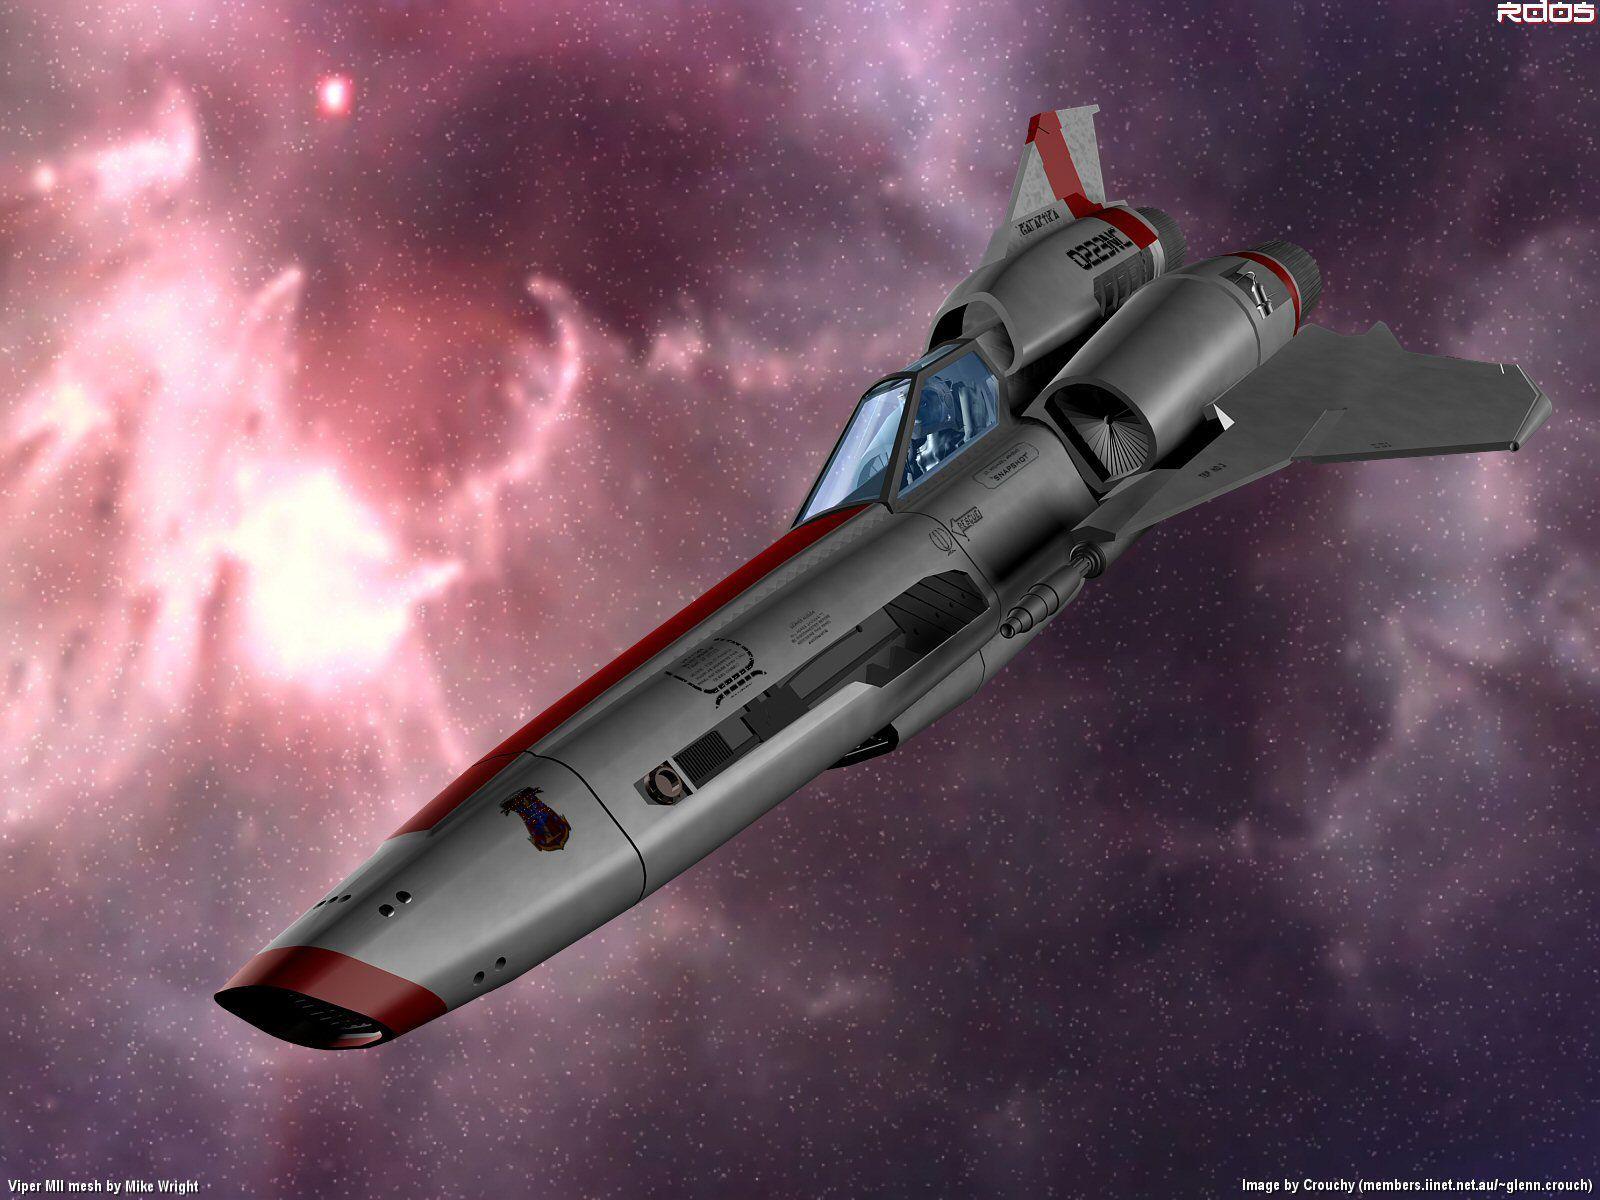 Battlestar Galactica Battle Star Space Fighter